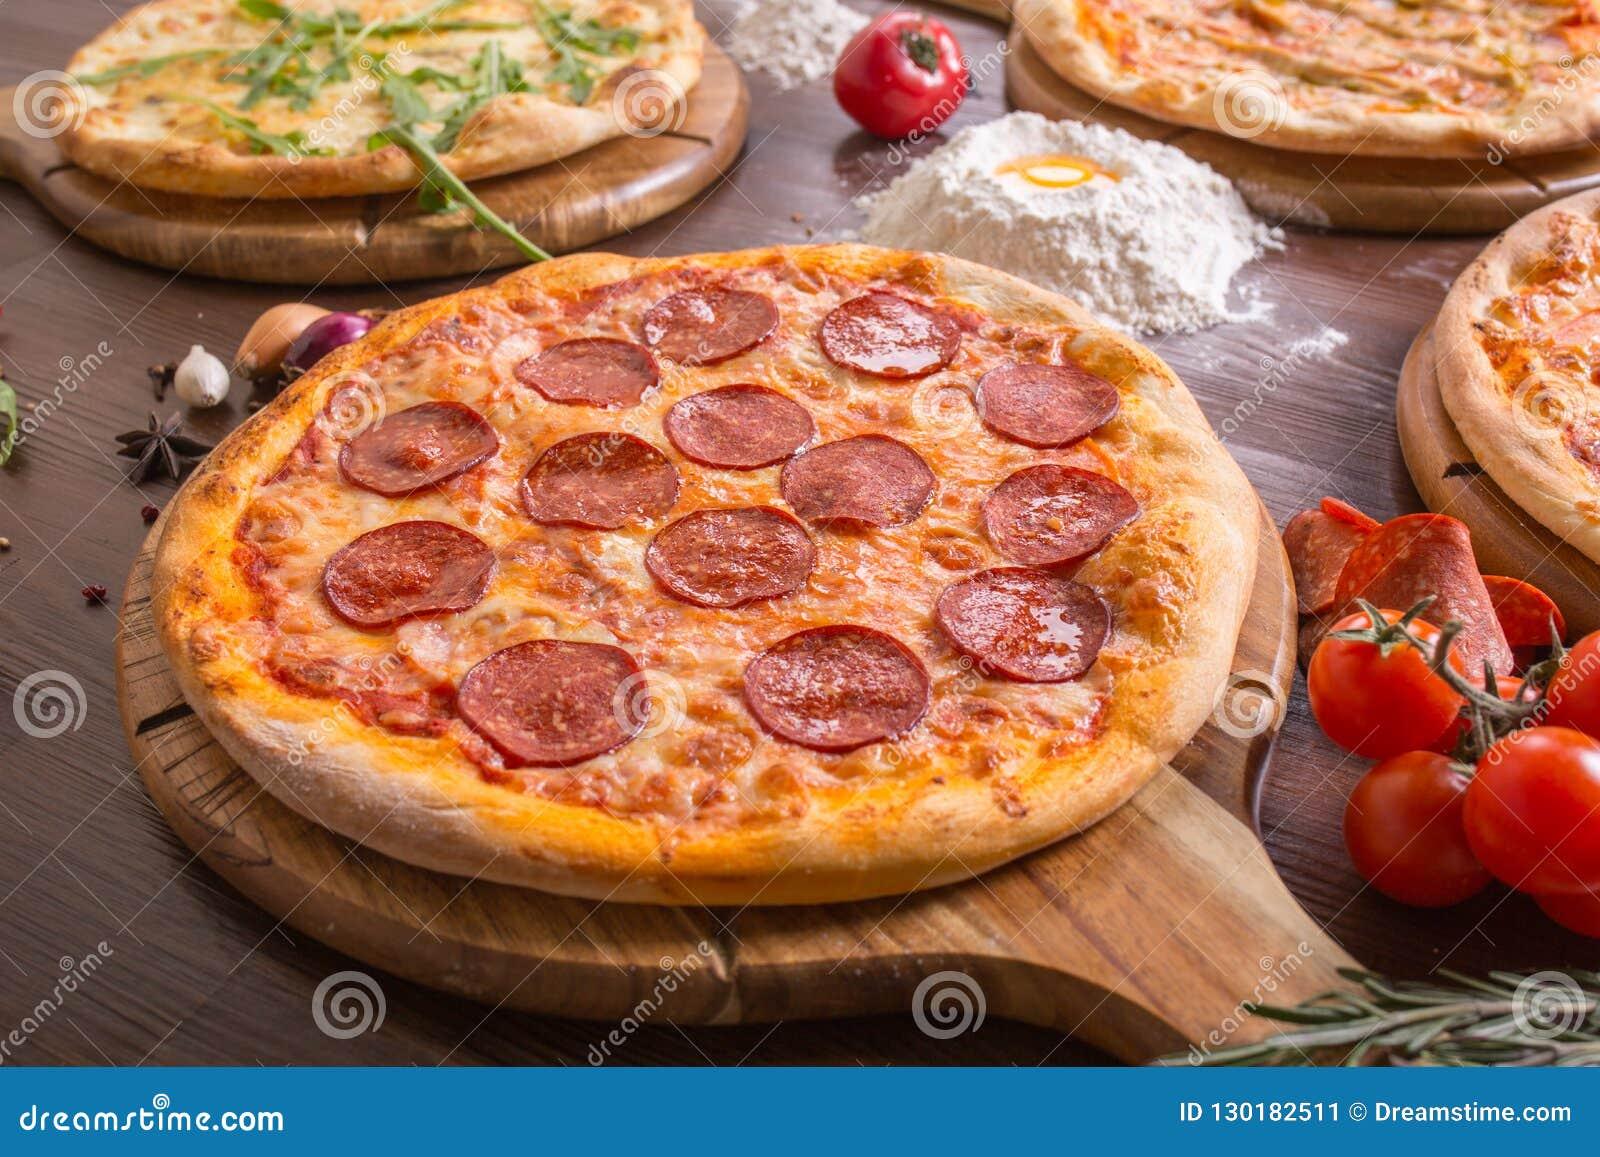 Pizza classificada com pepperoni, carne, margarita em um suporte de madeira